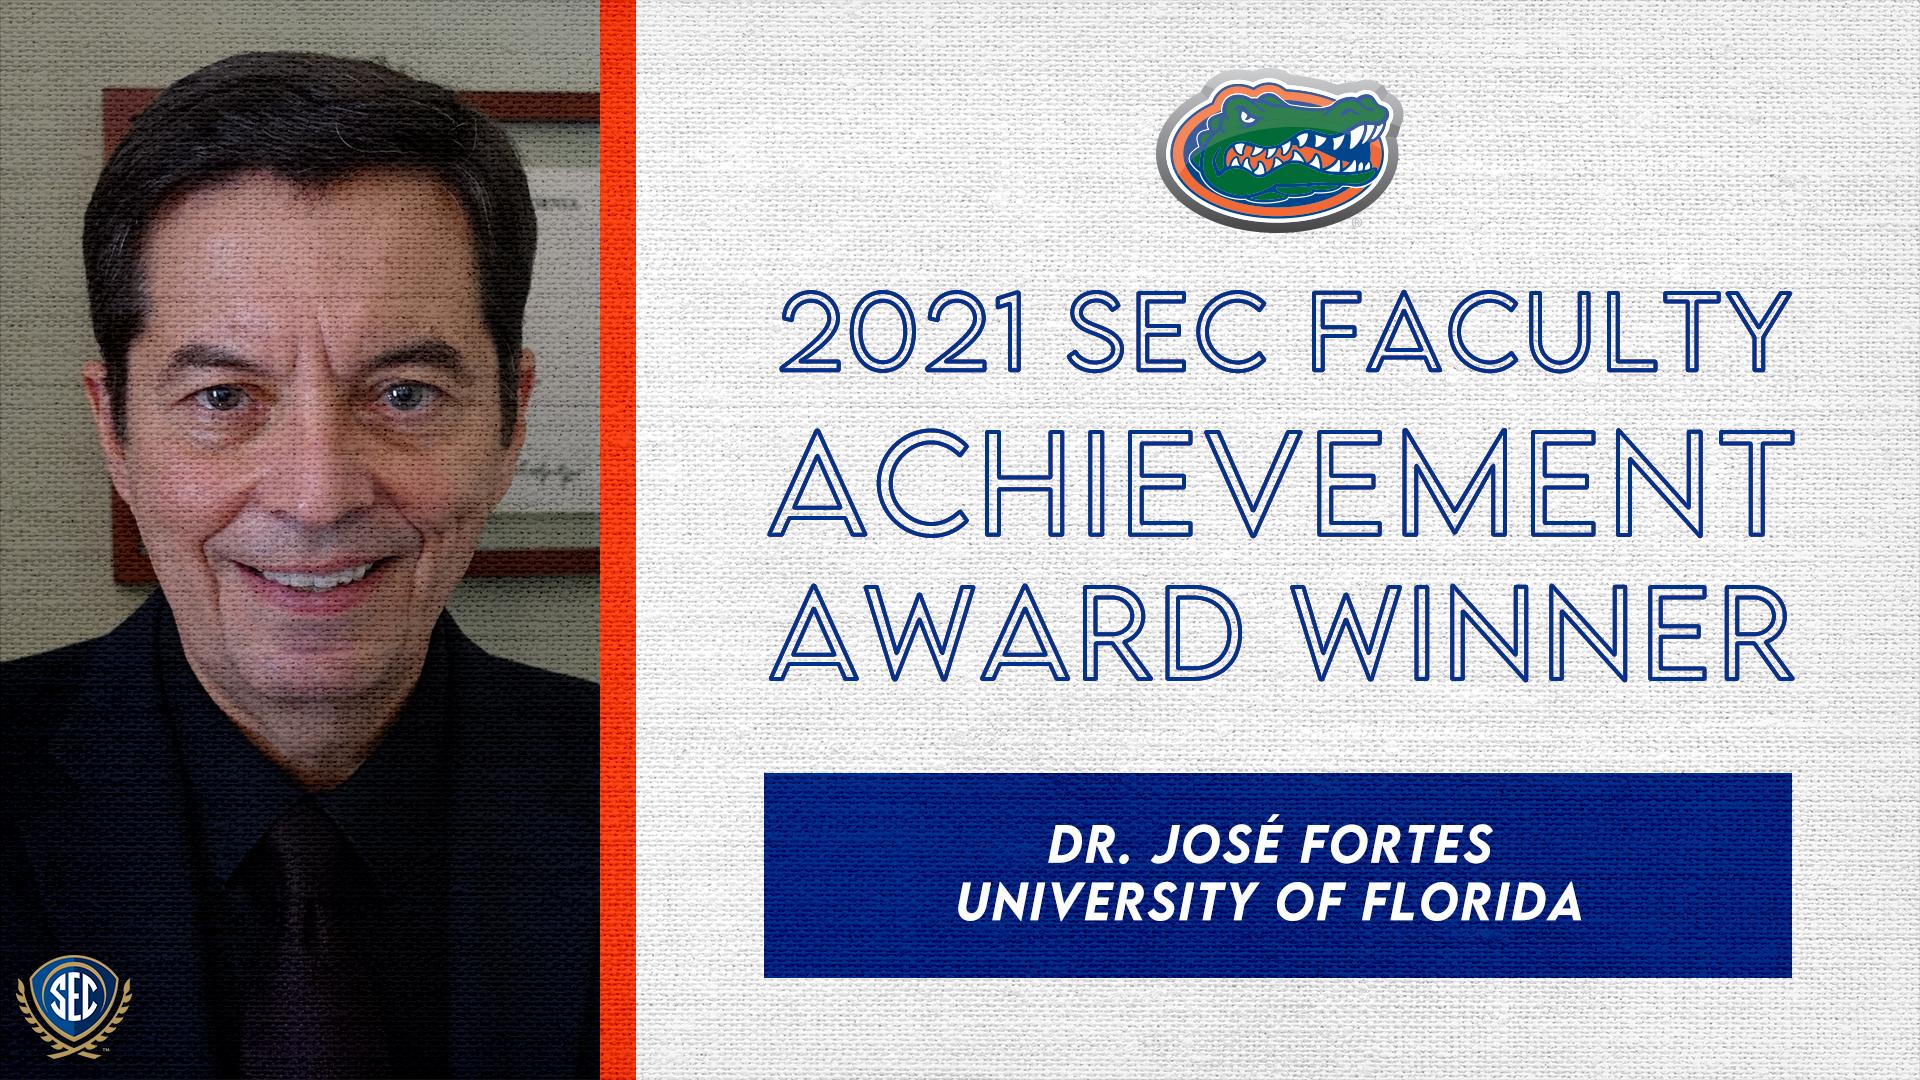 SEC Announces Dr. José Fortes Wins 2021 Faculty Achievement Award for University of Florida